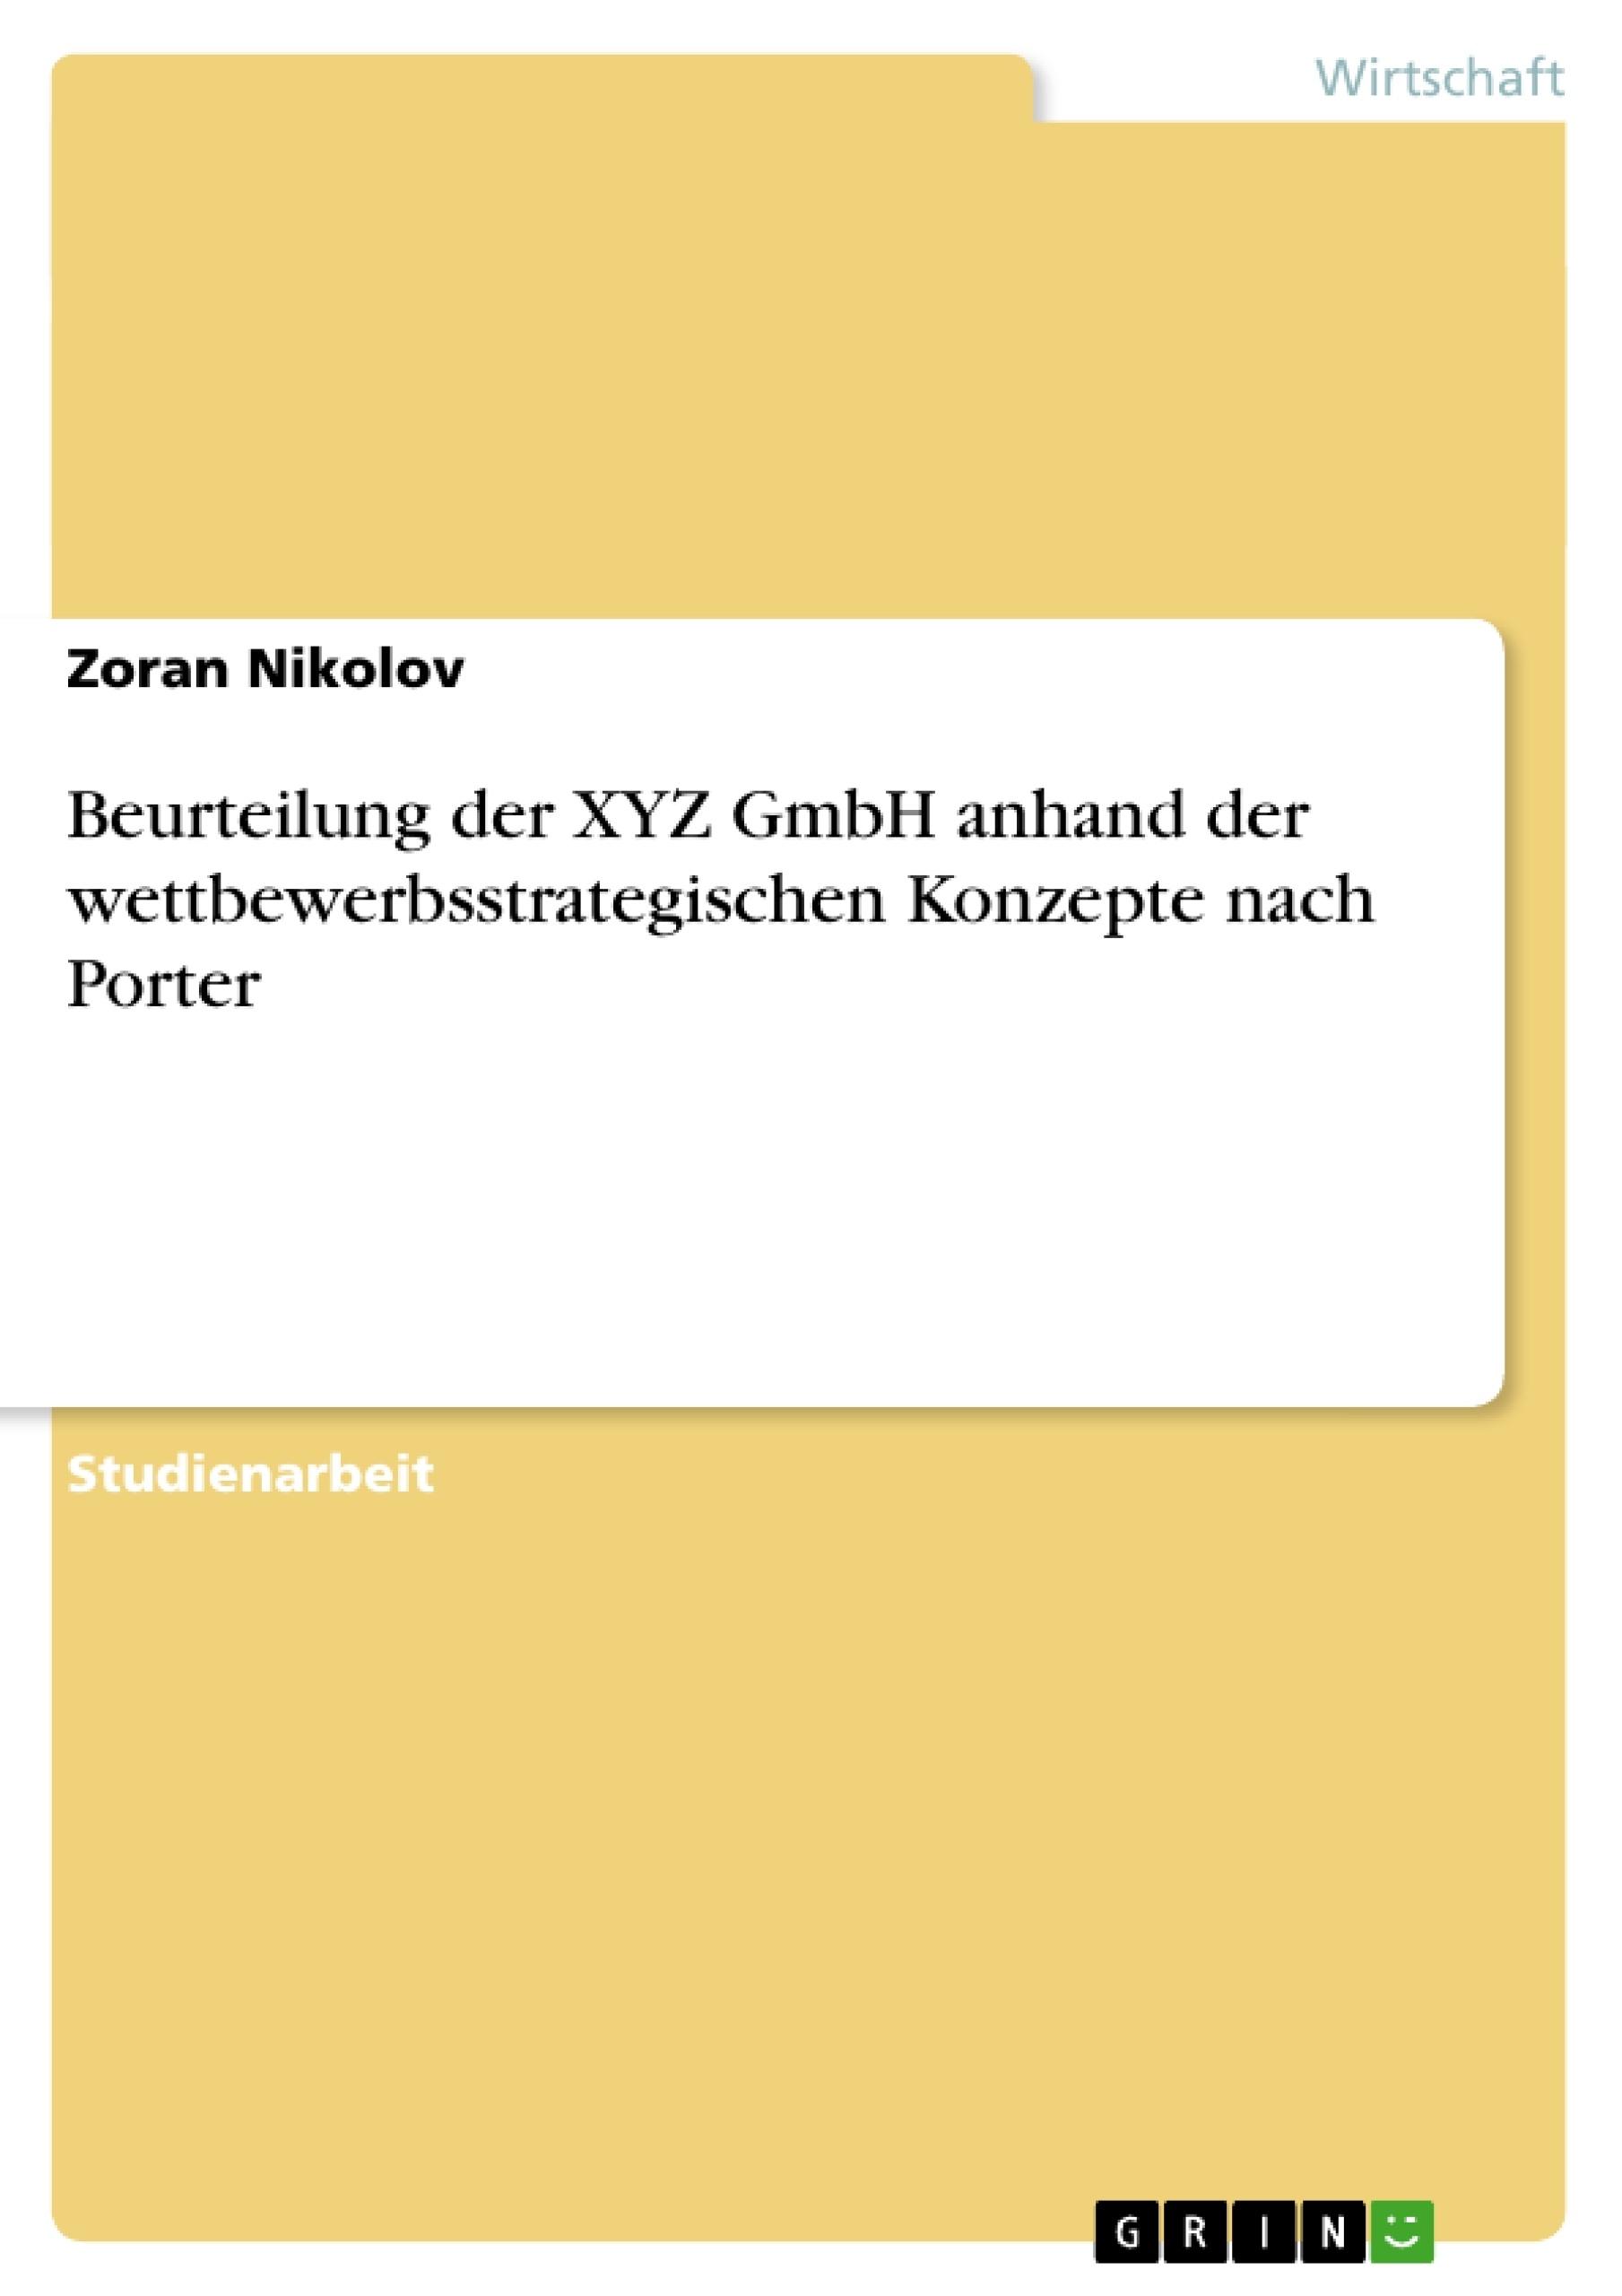 Titel: Beurteilung der XYZ GmbH anhand der wettbewerbsstrategischen Konzepte nach Porter